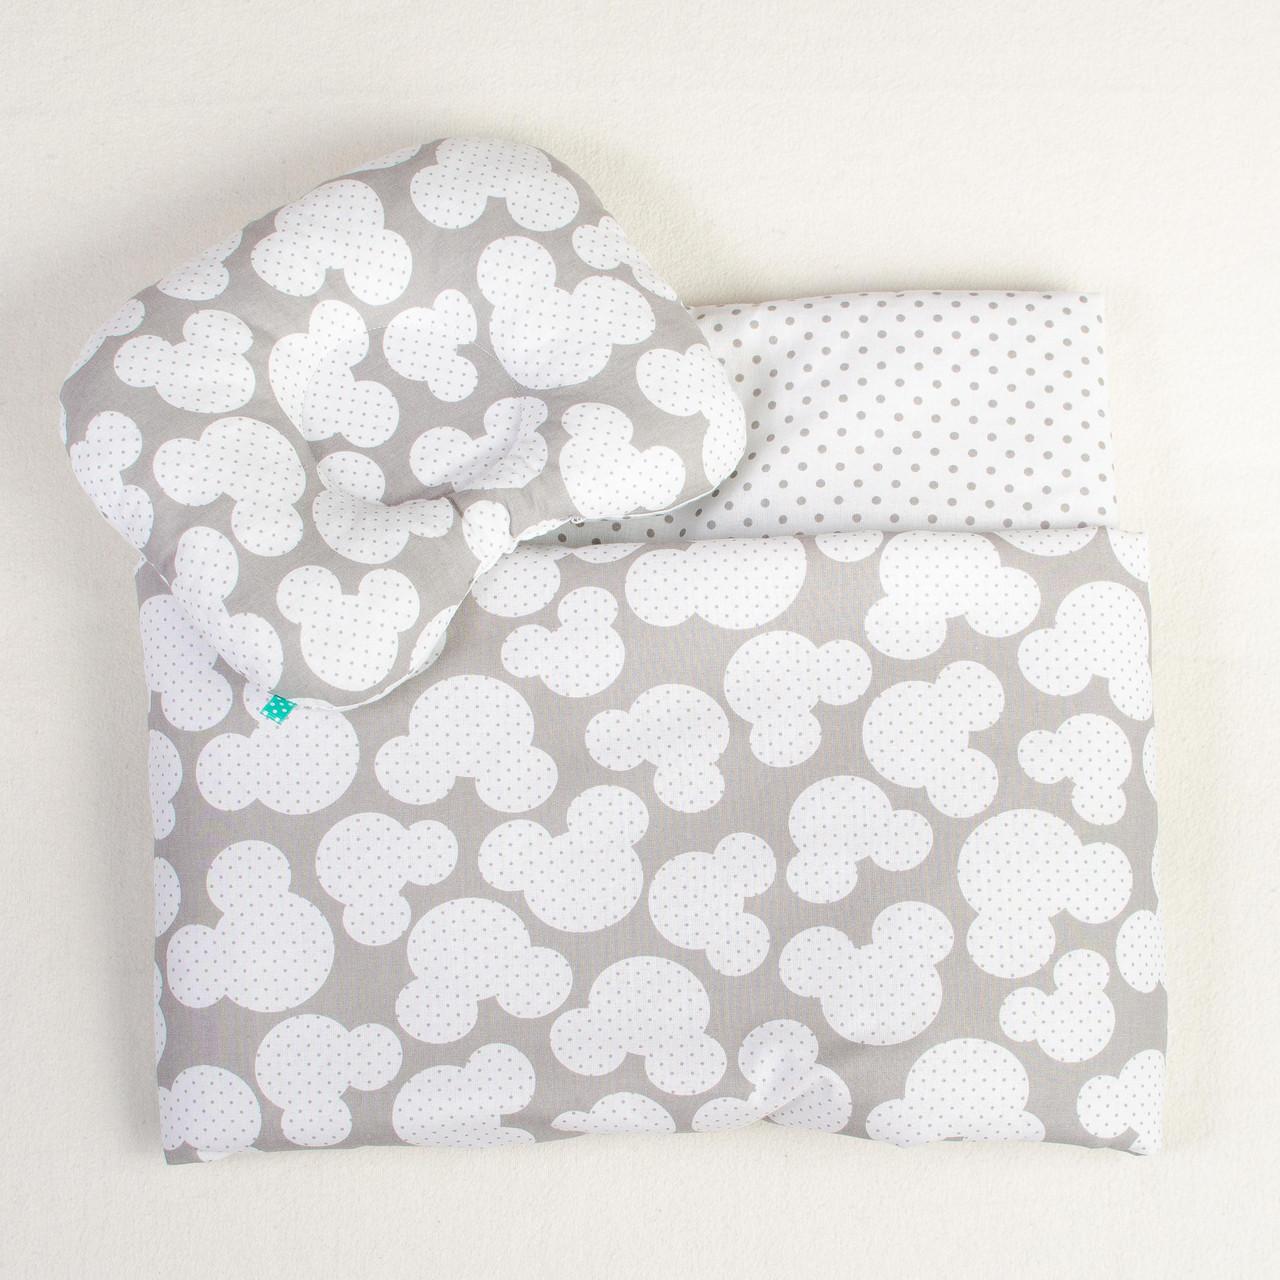 """Постельное белье в детскую колыбель, три предмета (одеяло, подушка, простынь) """"Микки"""" Серый"""